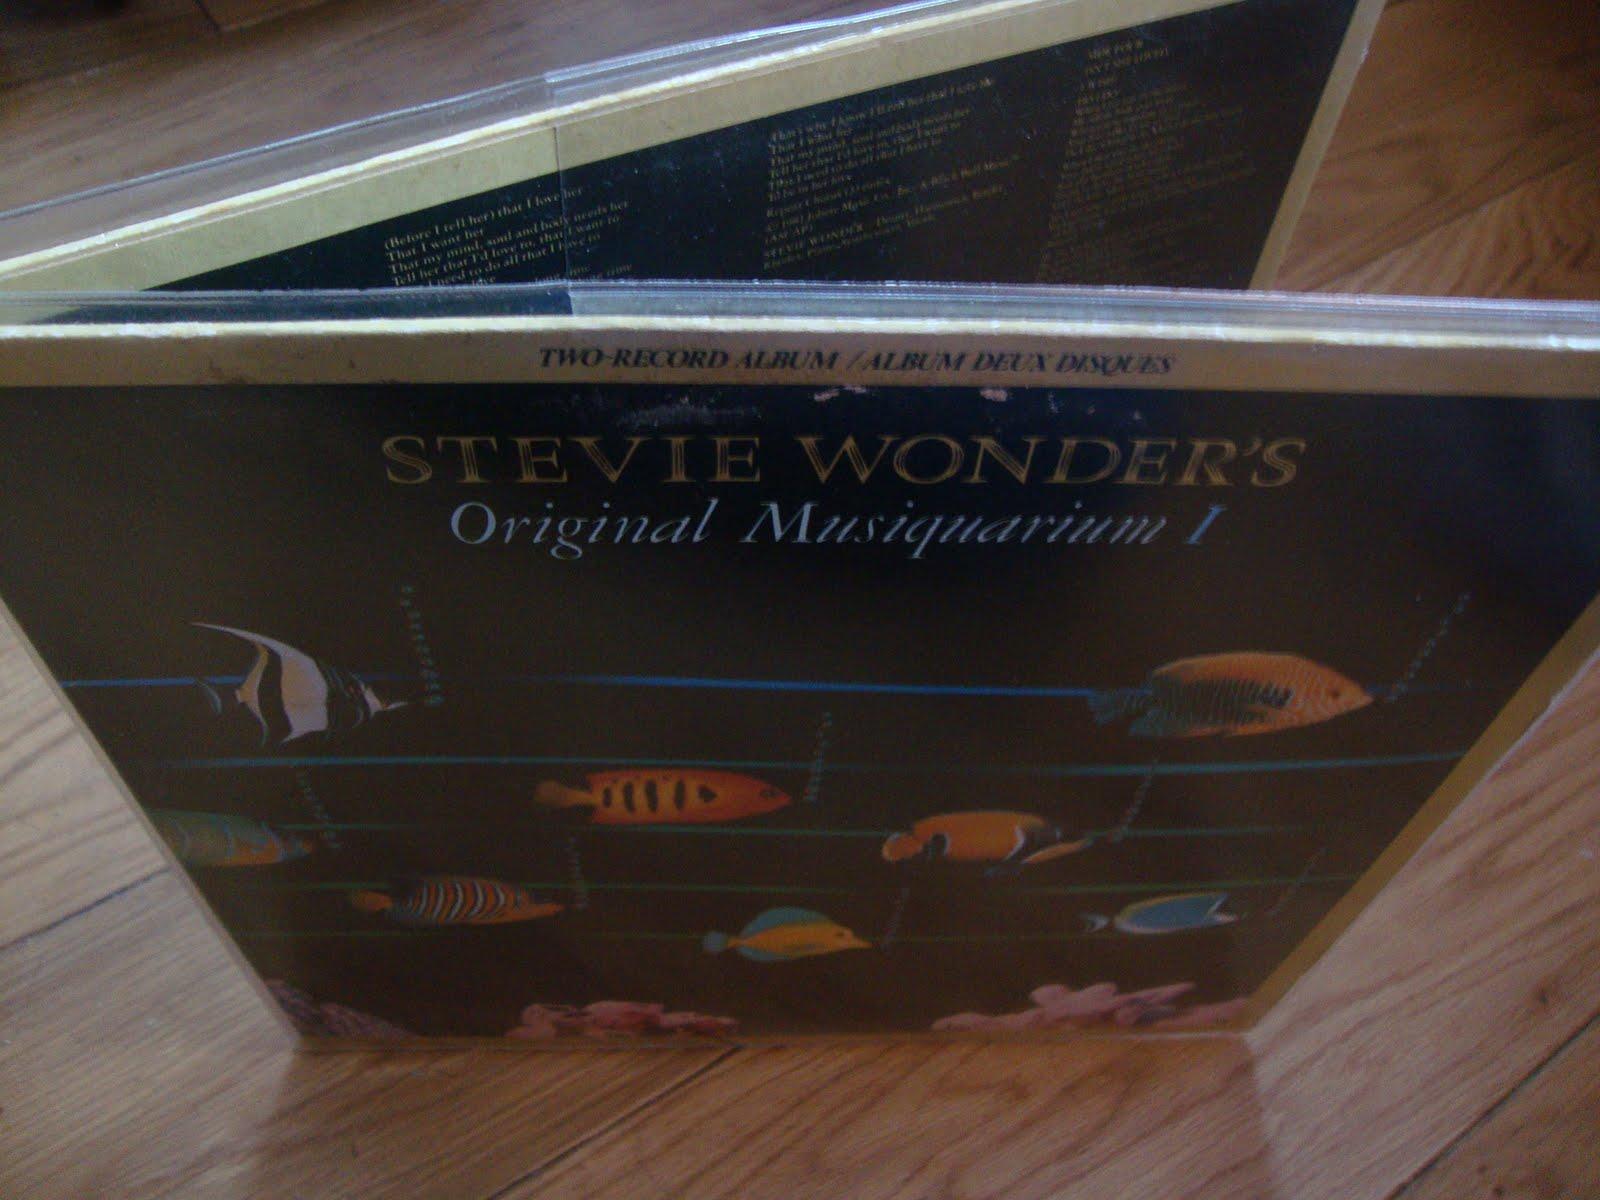 Back To Vinyl Stevie Wonder Original Musiquarium I